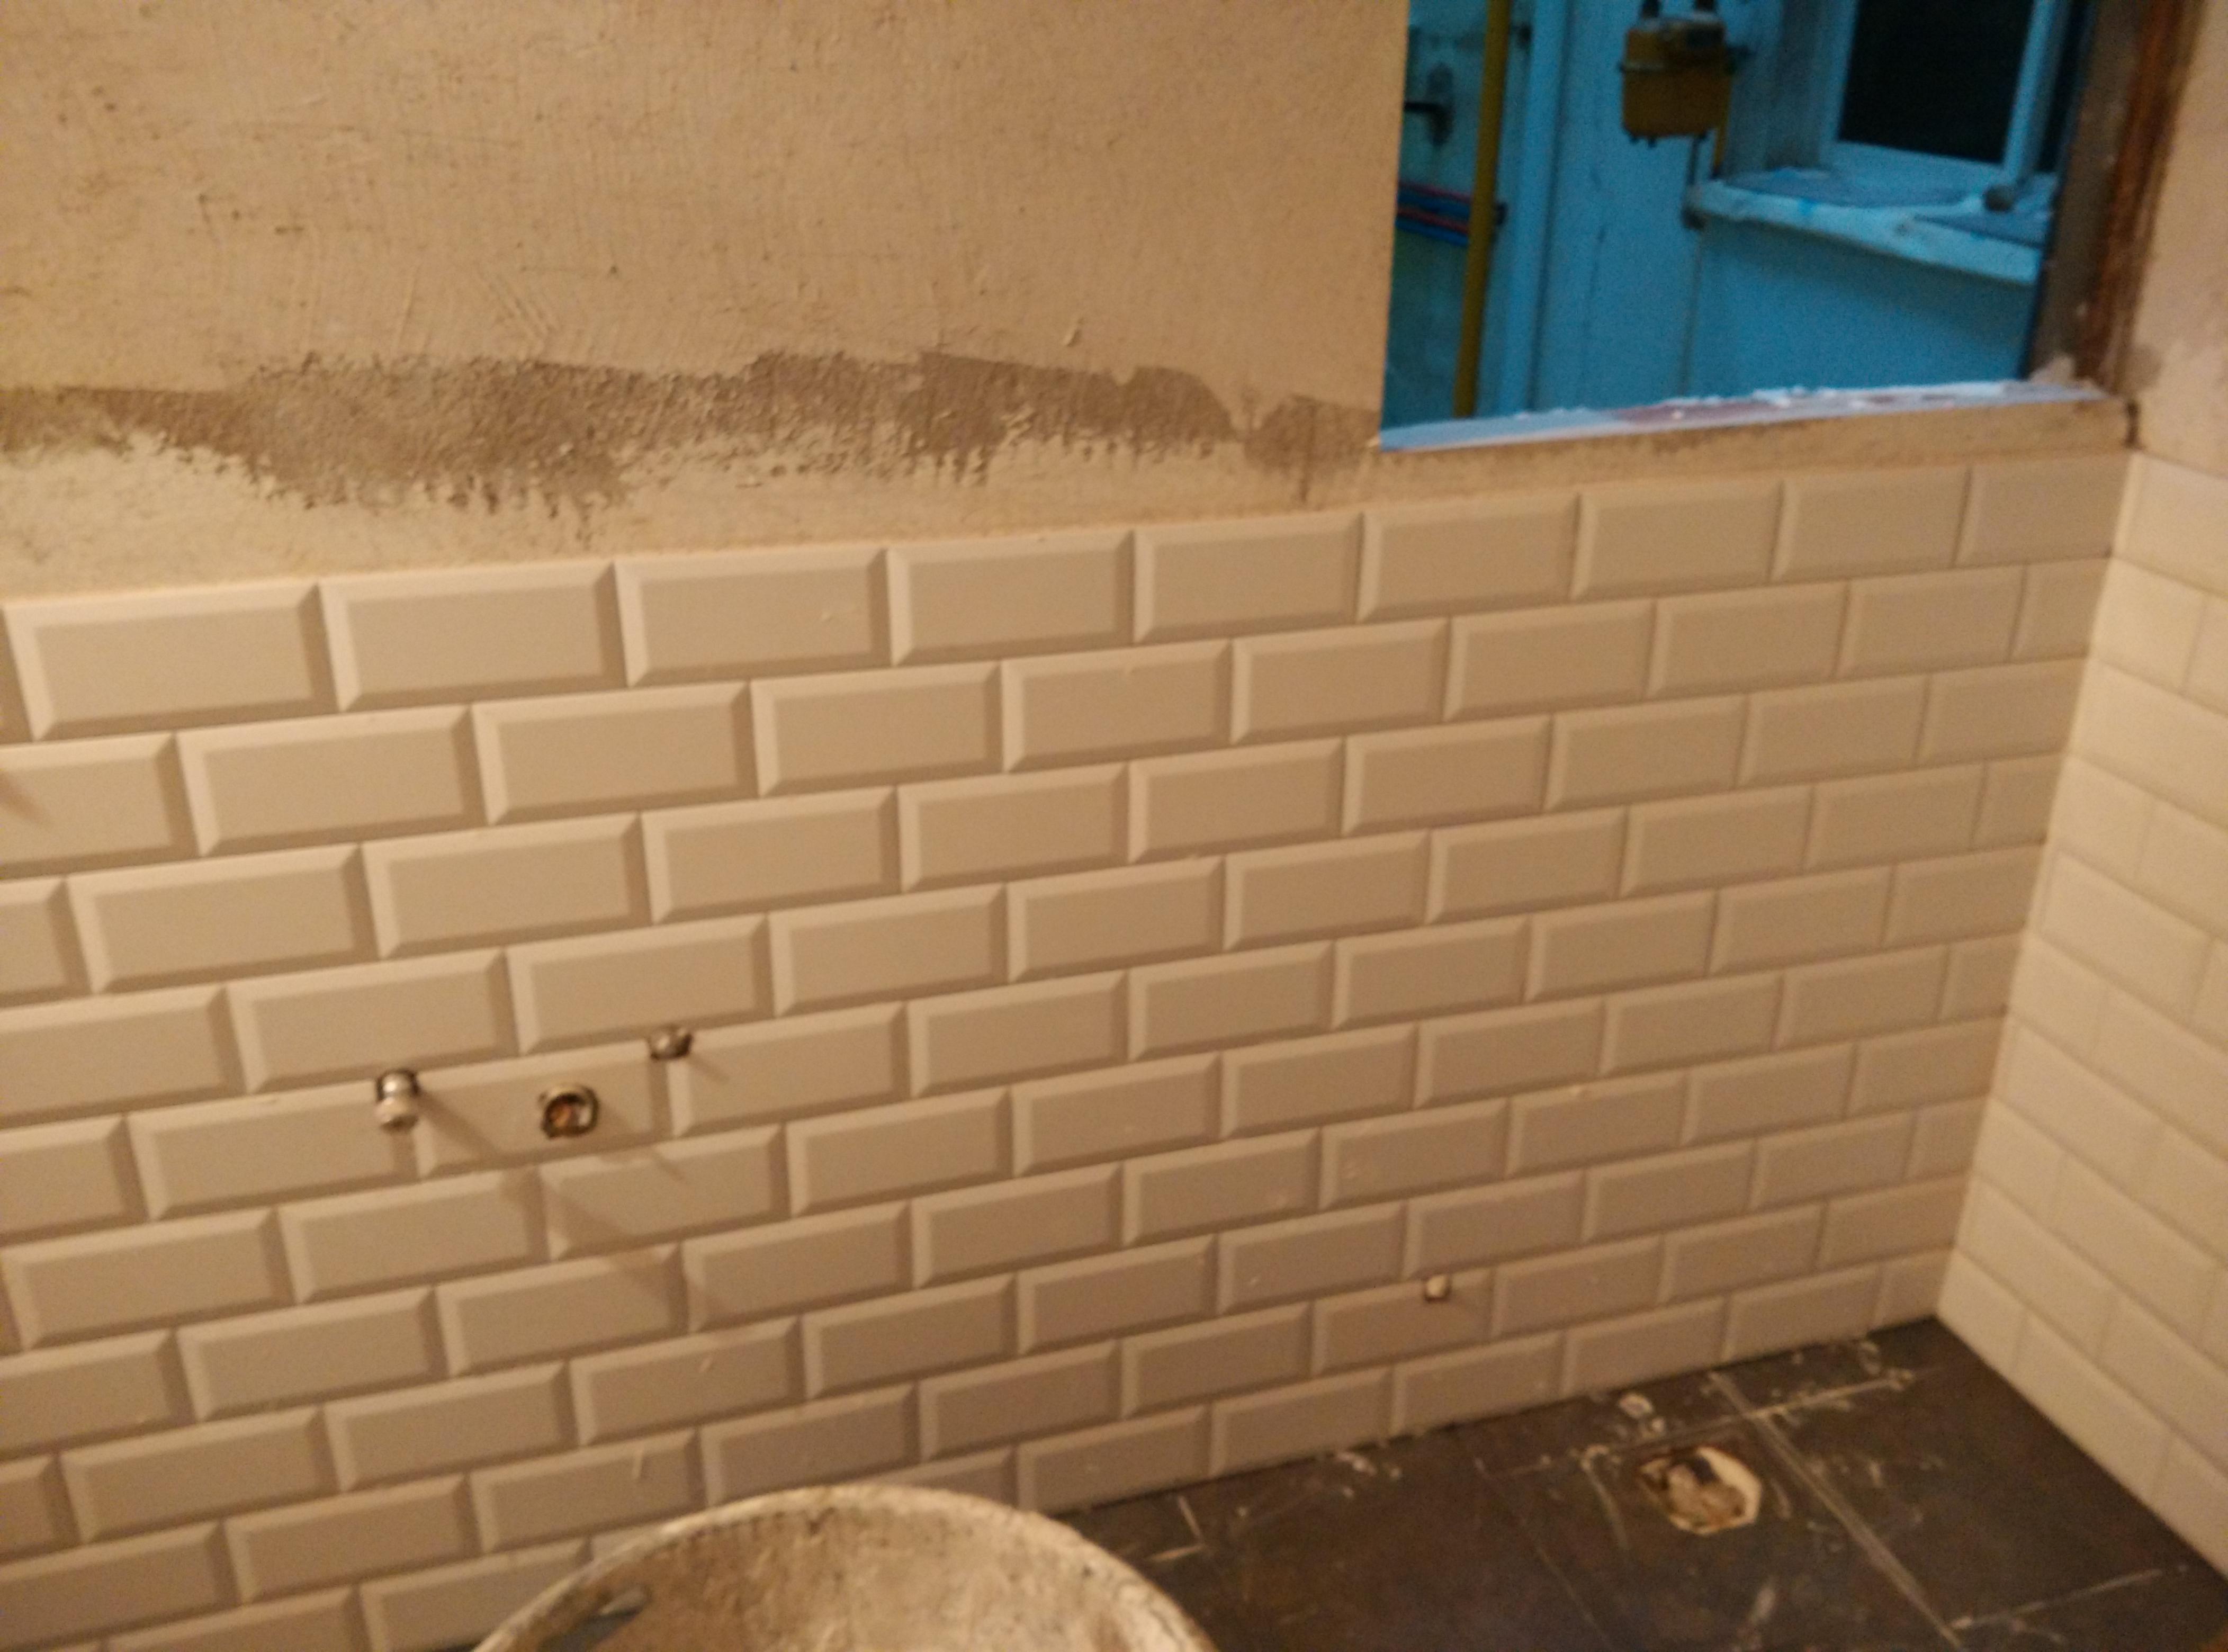 Baños Azulejos Media Altura:Azulejamos a media altura con azulejo 20×10 Blanco biselado, rematado